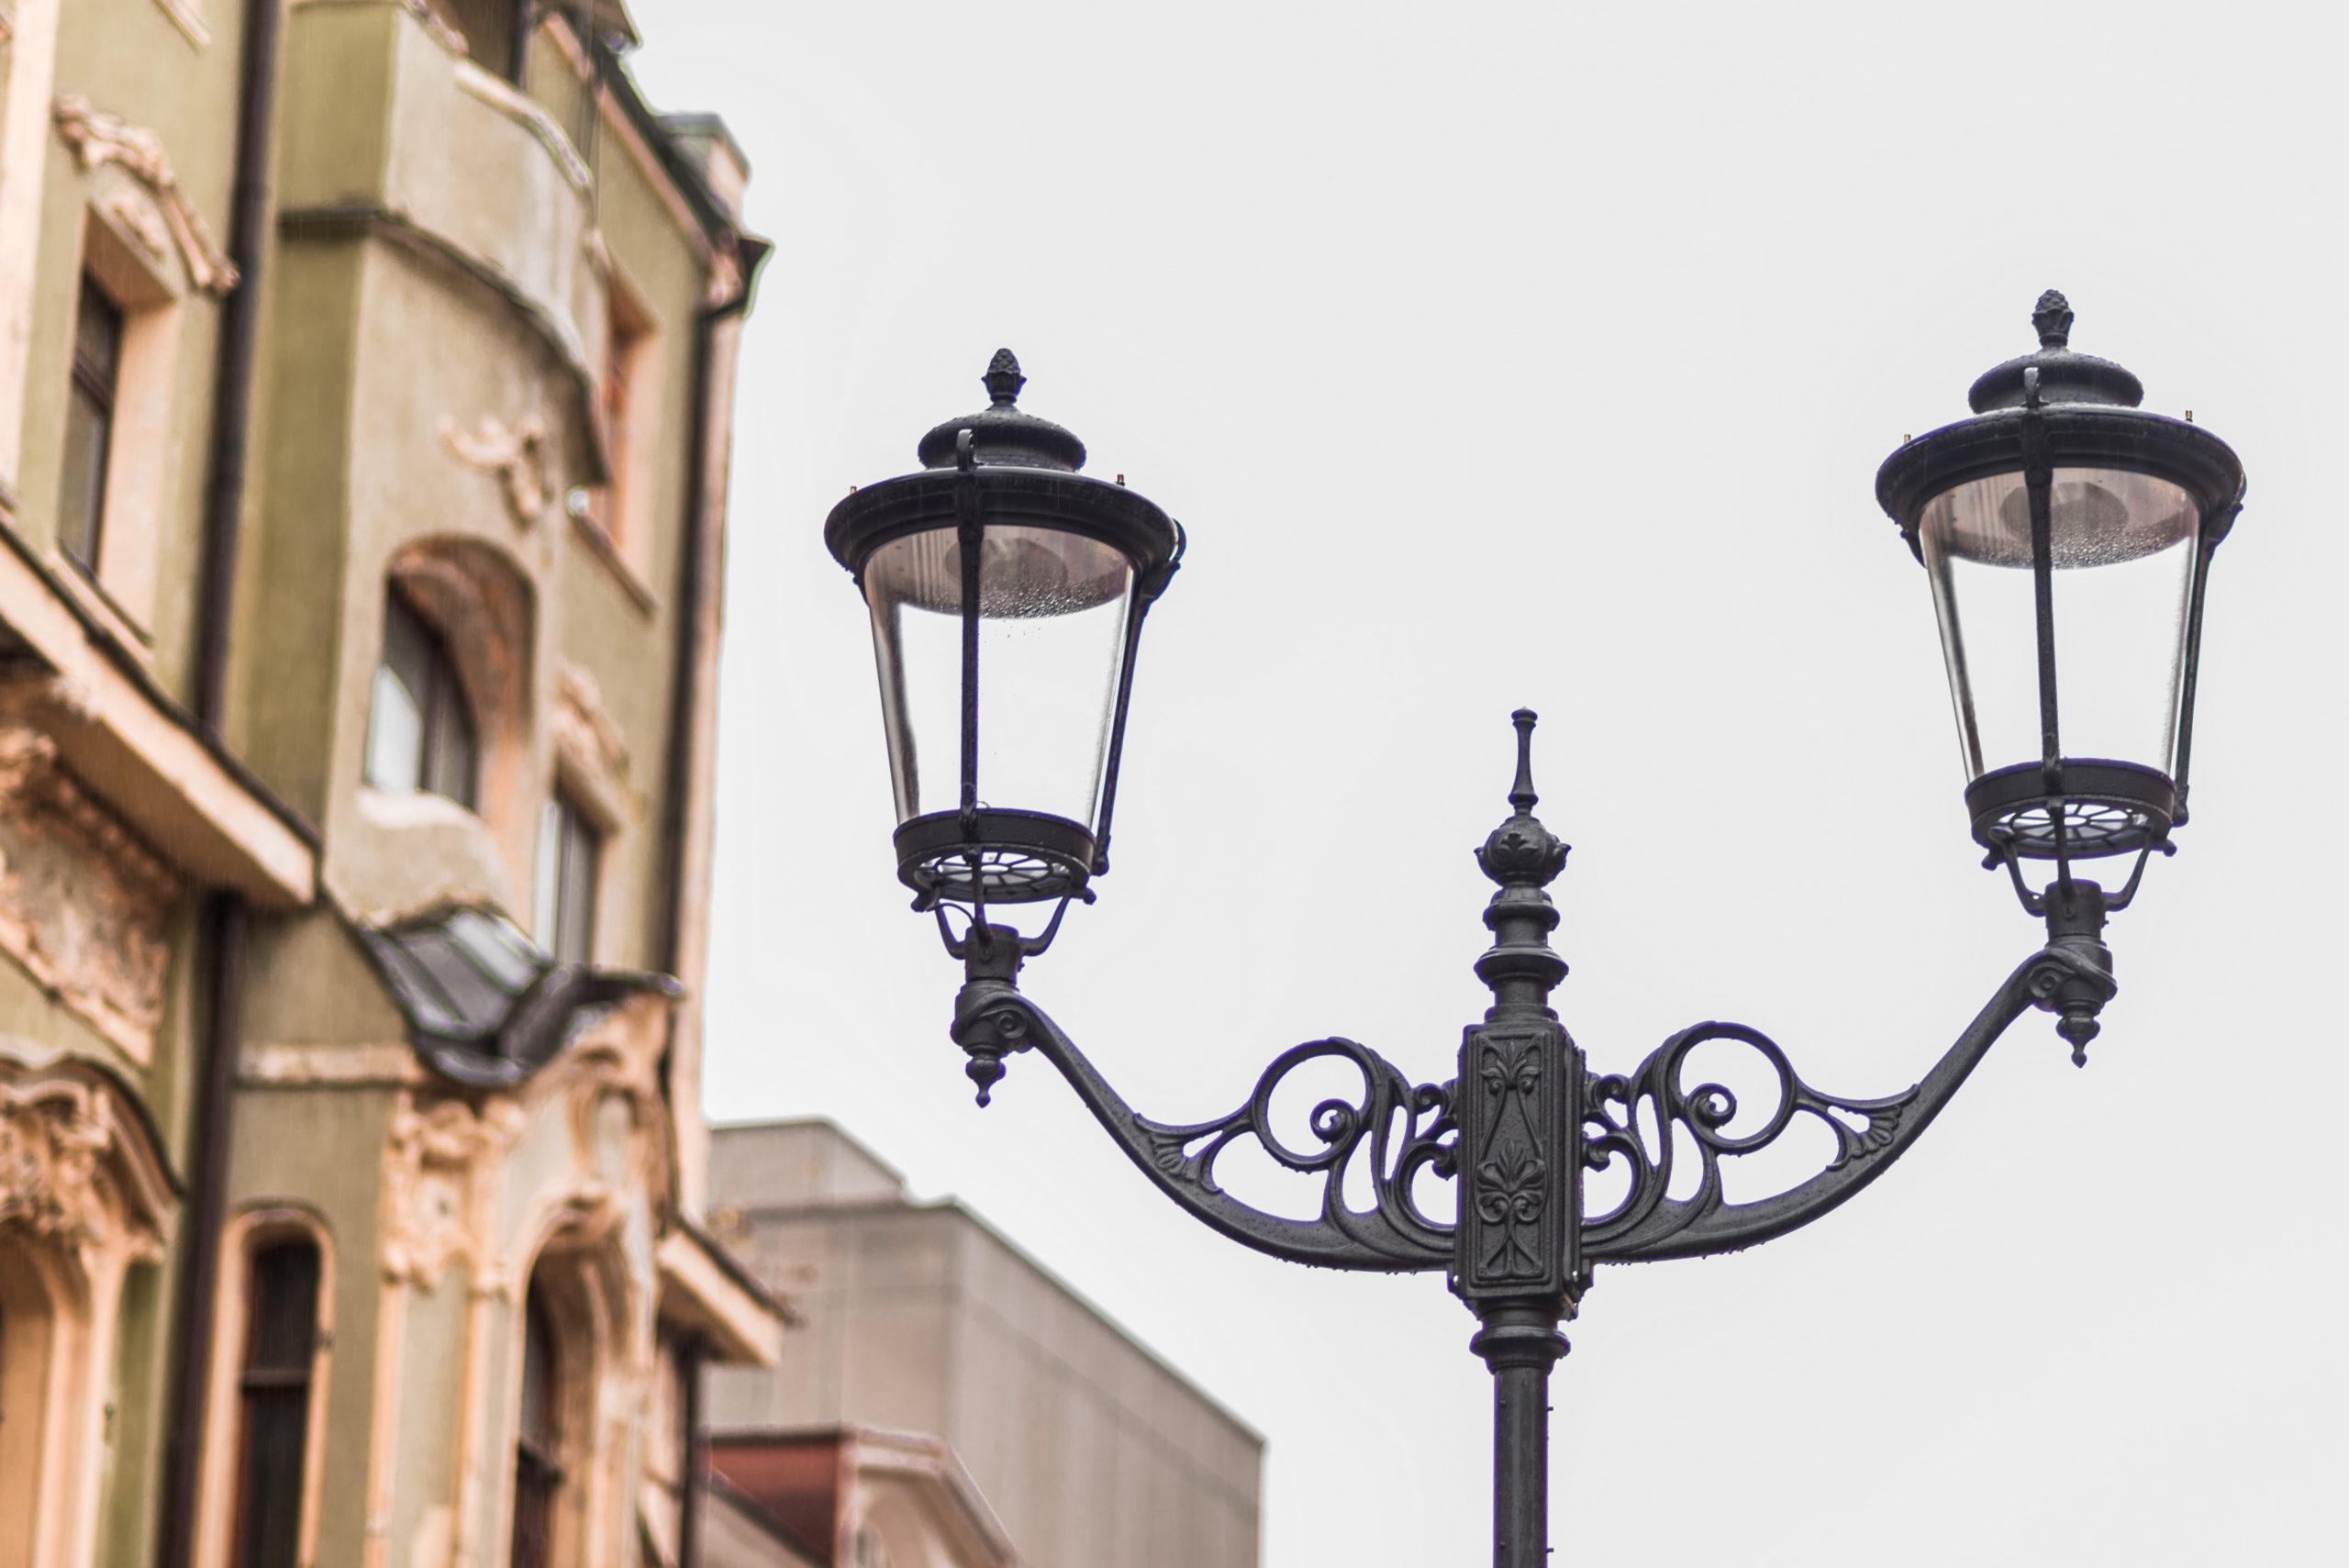 Стоит ли покупать чугунные фонари: особенности, преимущества, характеристики и особенности выбора изделий